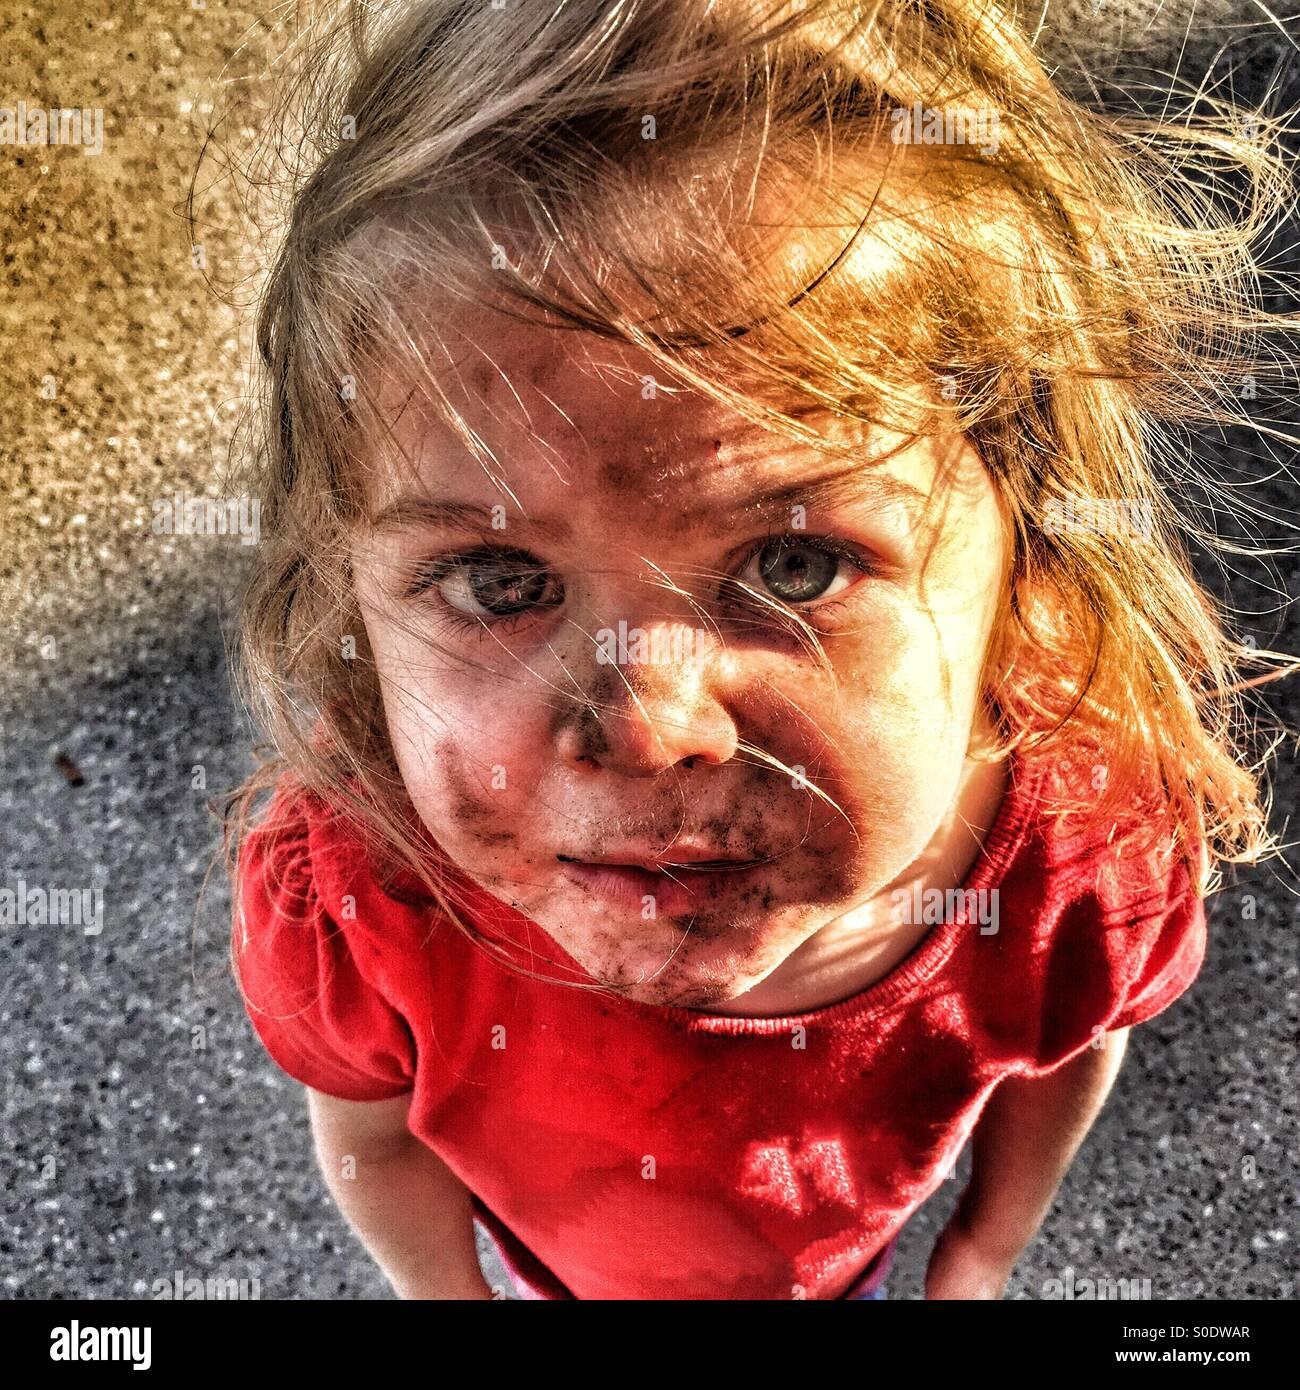 Bambino con una faccia sporca e ventoso capelli cercando Immagini Stock